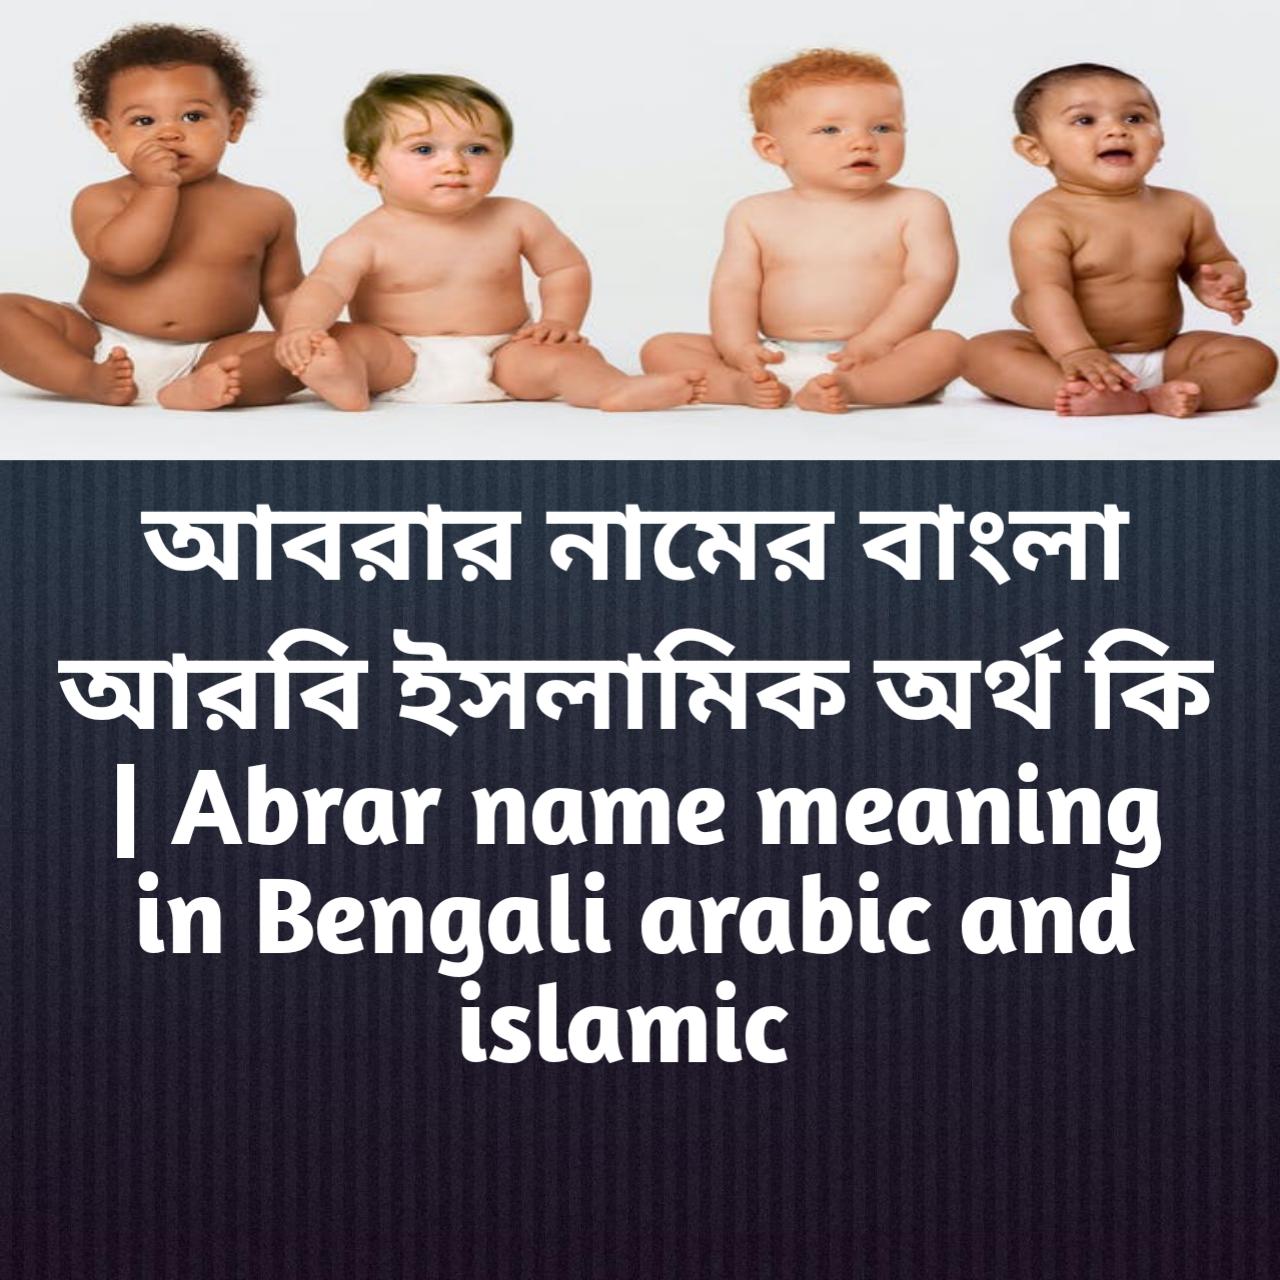 আবরার নামের অর্থ কি, আবরার নামের বাংলা অর্থ কি, আবরার নামের ইসলামিক অর্থ কি, Abrar name meaning in Bengali, আবরার কি ইসলামিক নাম,